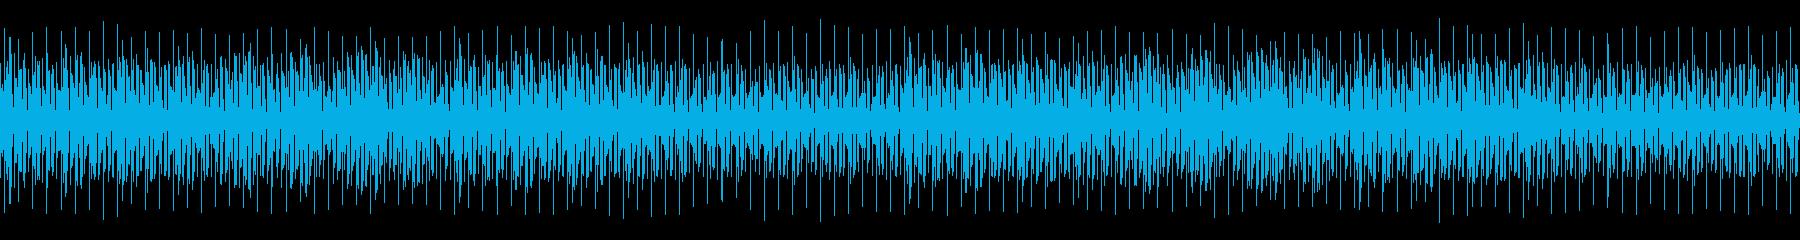 ゲーム・ほのぼの・日常・ループの再生済みの波形